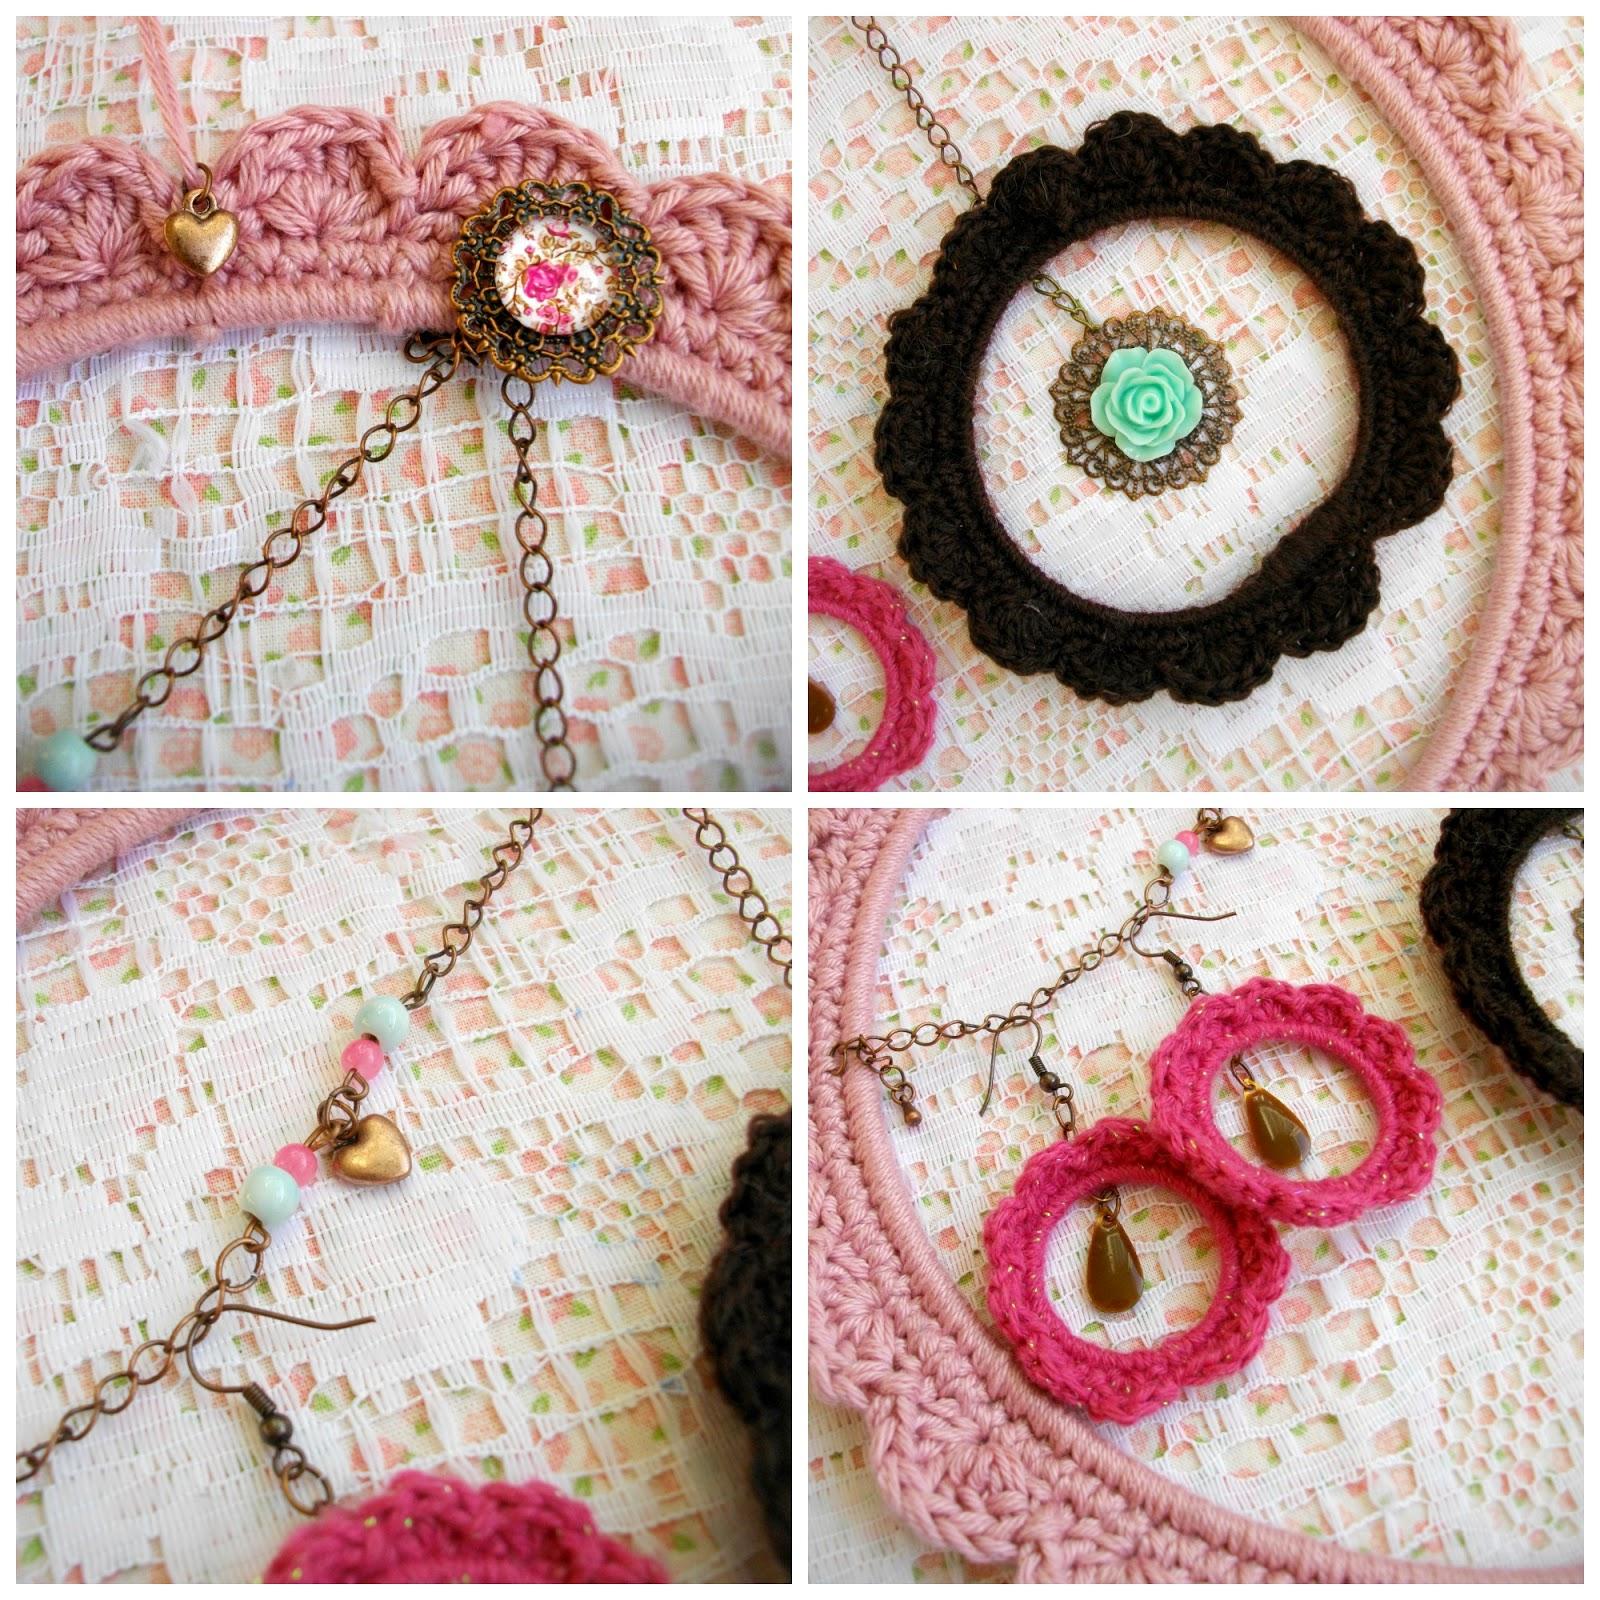 La perle des loisirs le blog diy 5 porte bijoux au for Qui portent des crochets